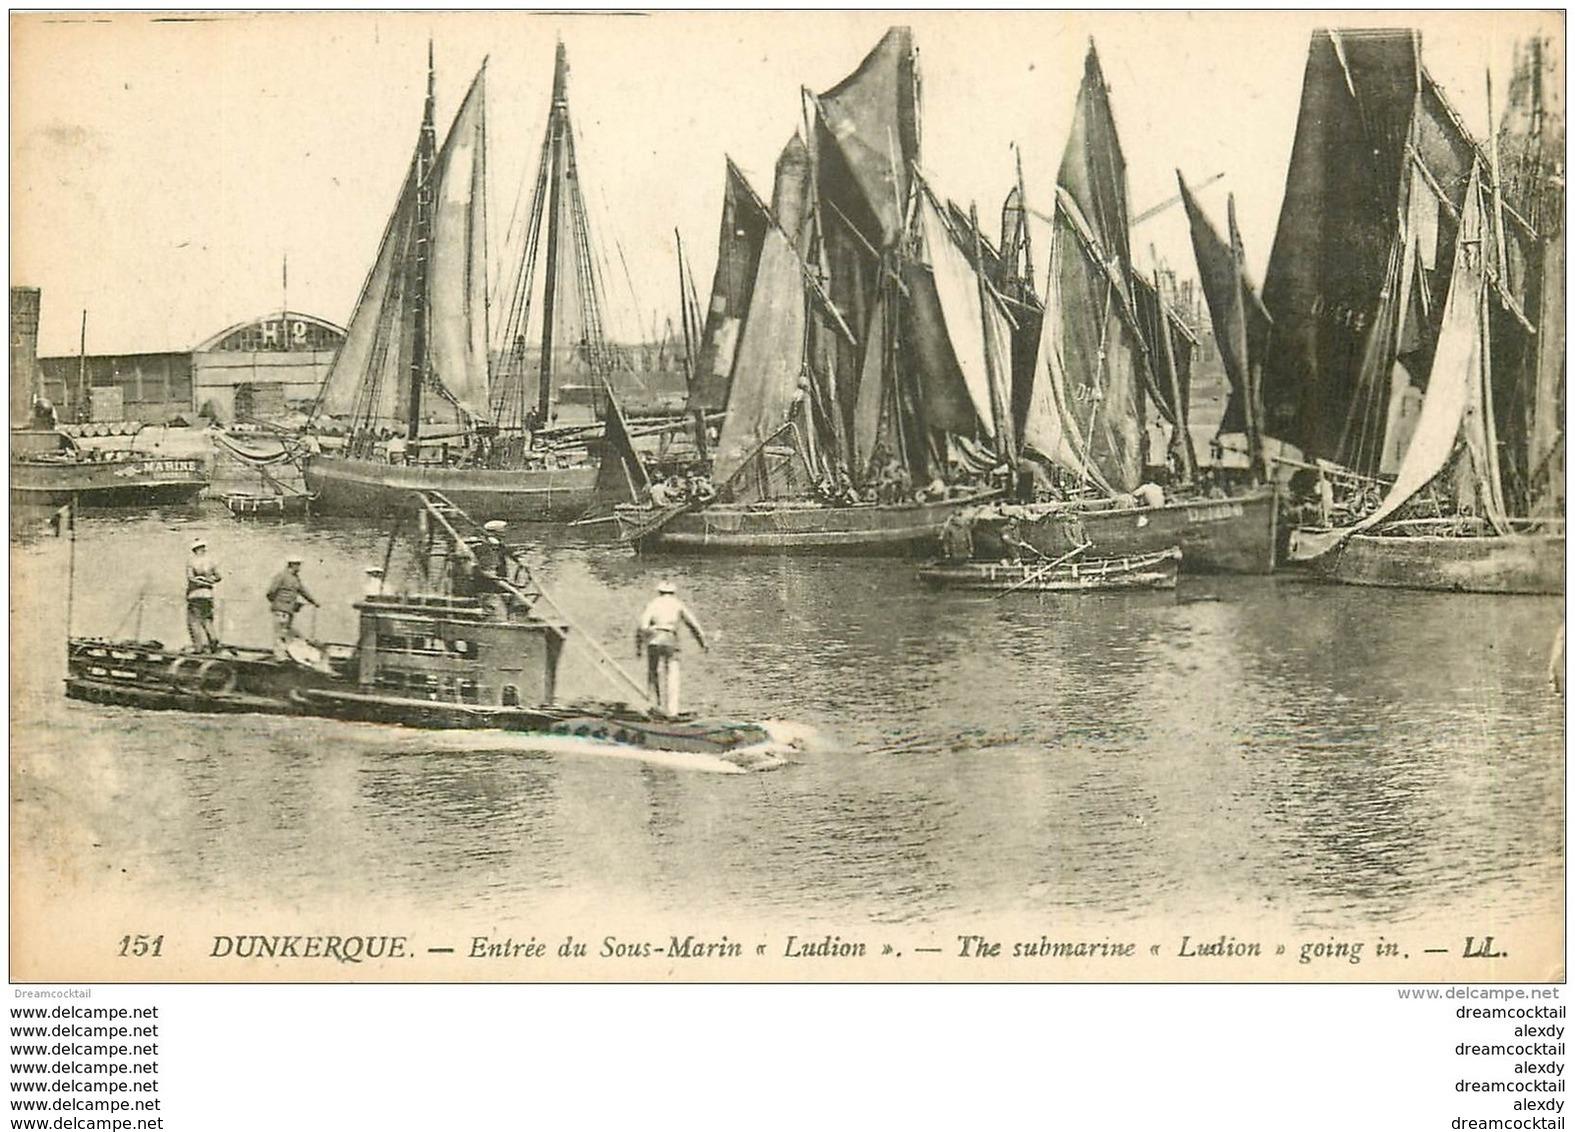 59 DUNKERQUE. Entrée Du Sous Marin LUDION Et Barques De Pêcheurs - Dunkerque